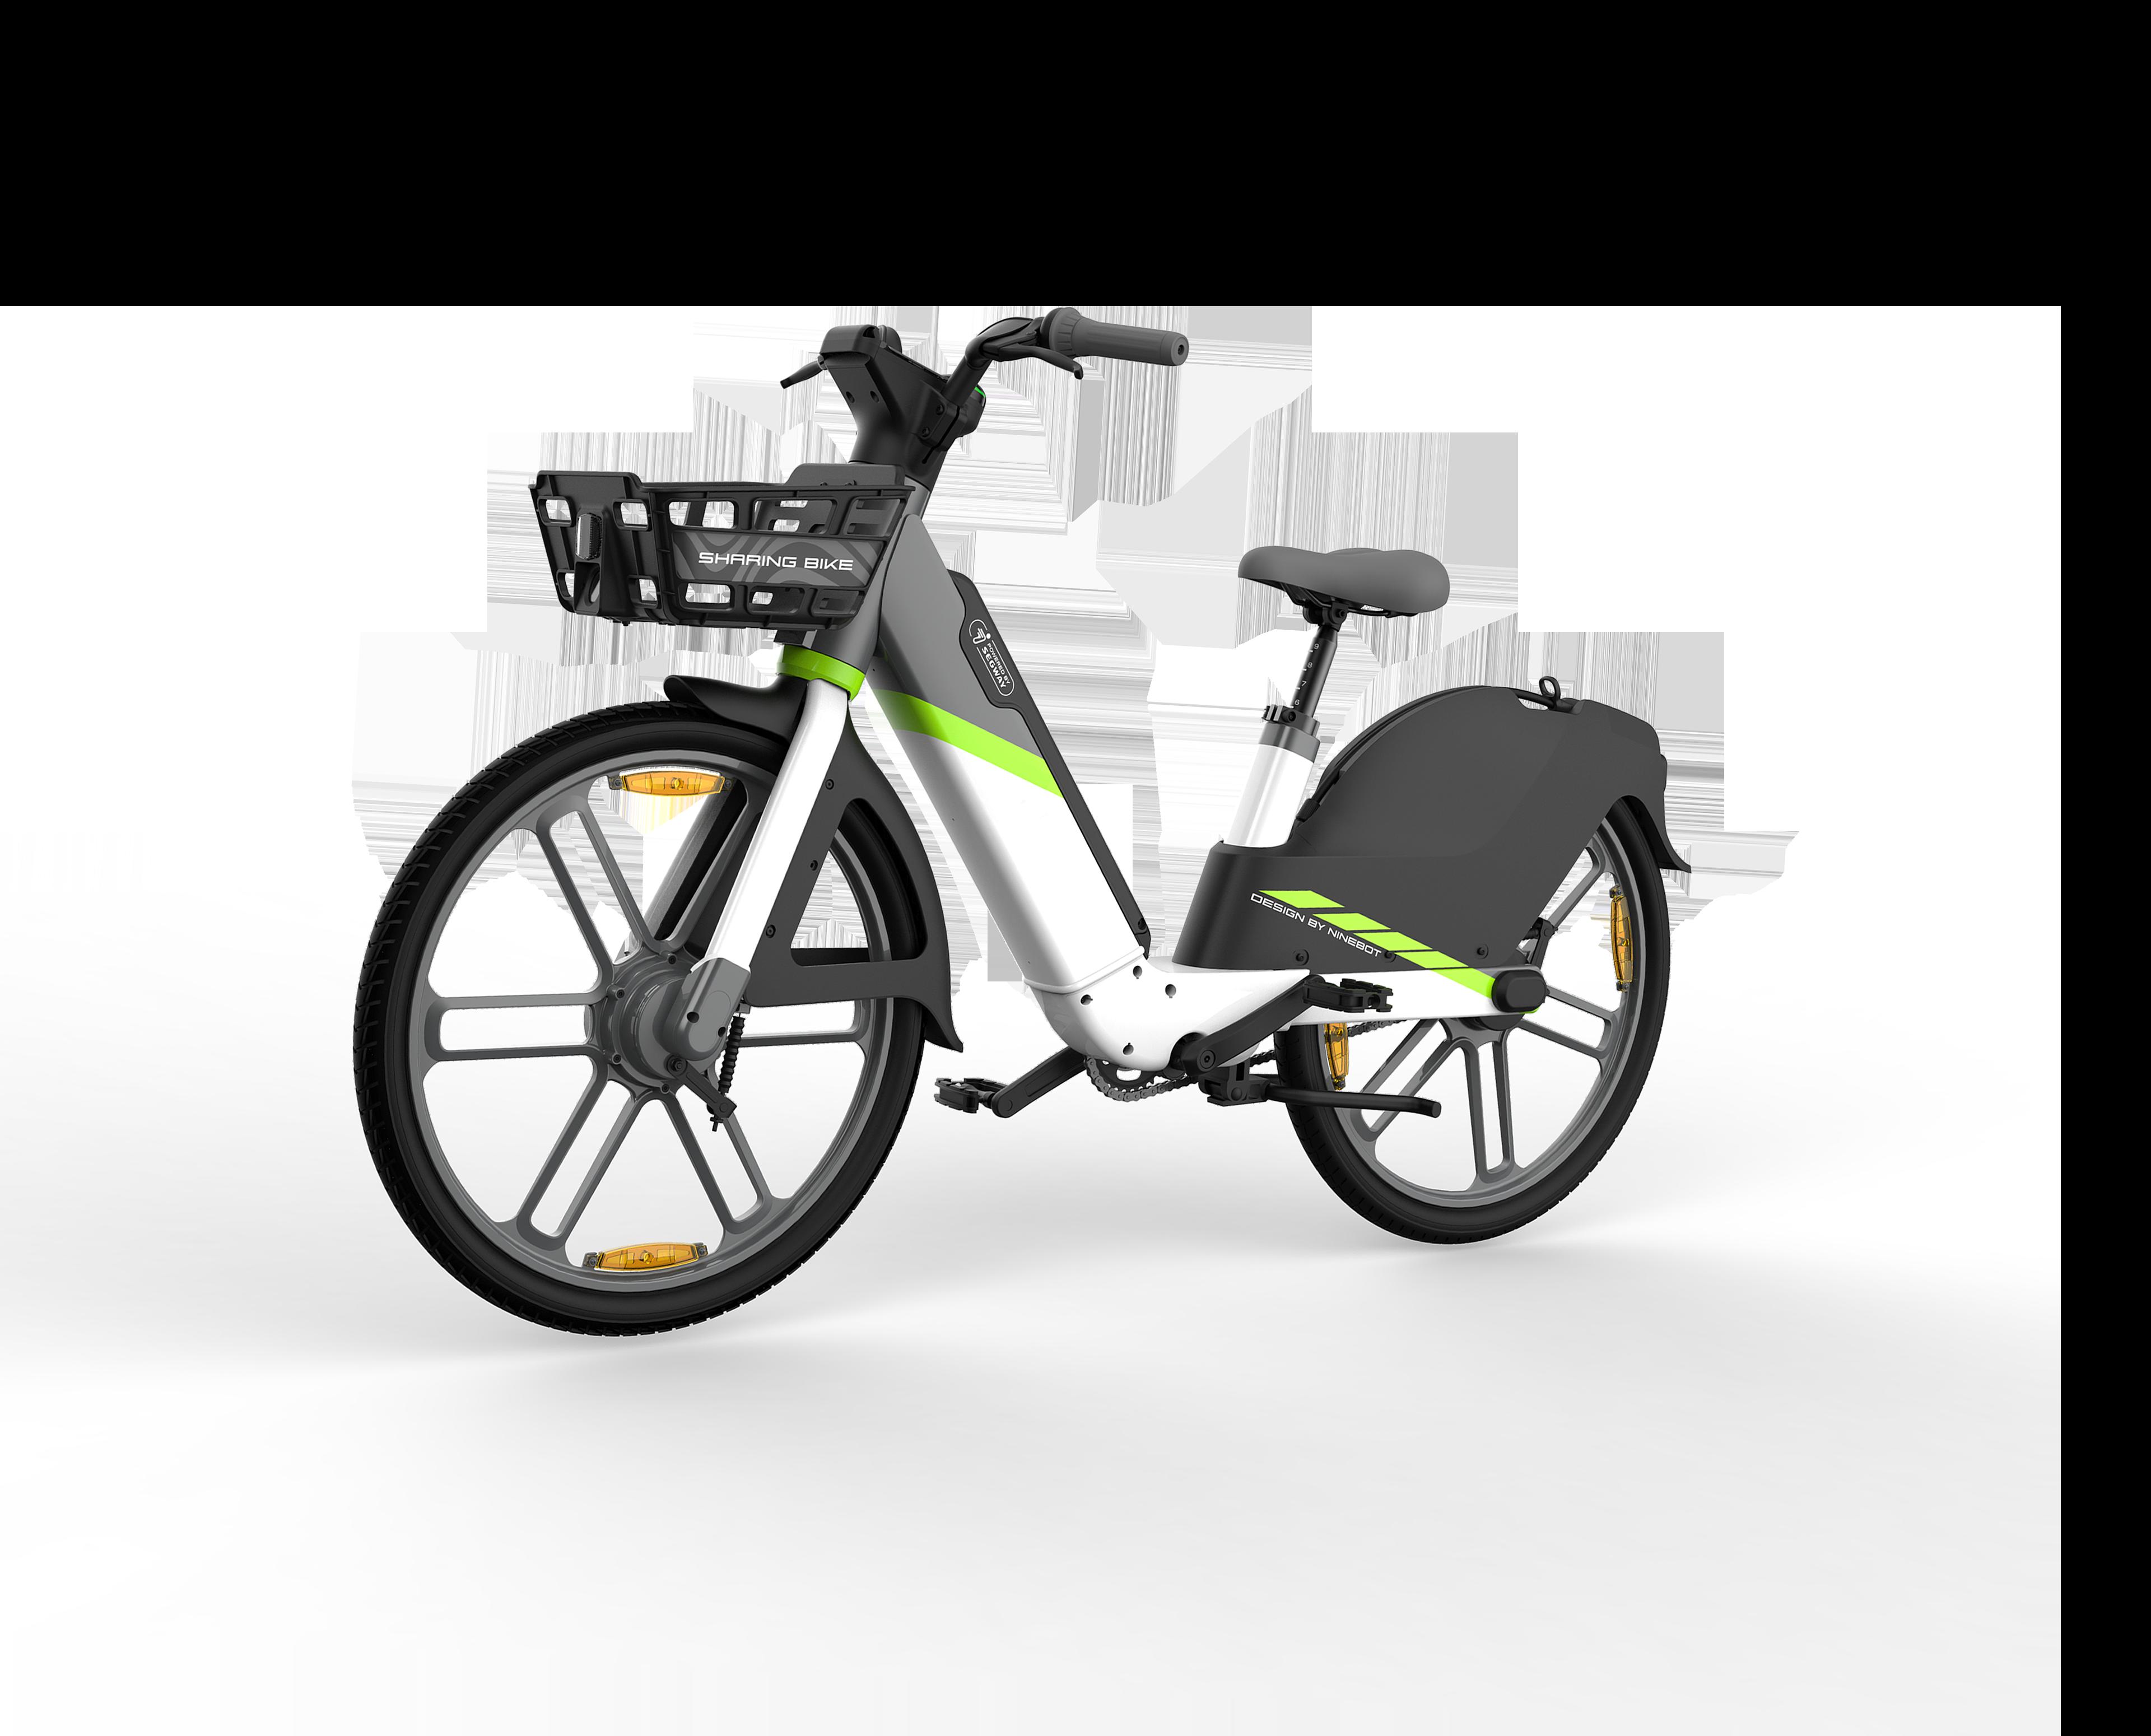 Segway E-Bike Model